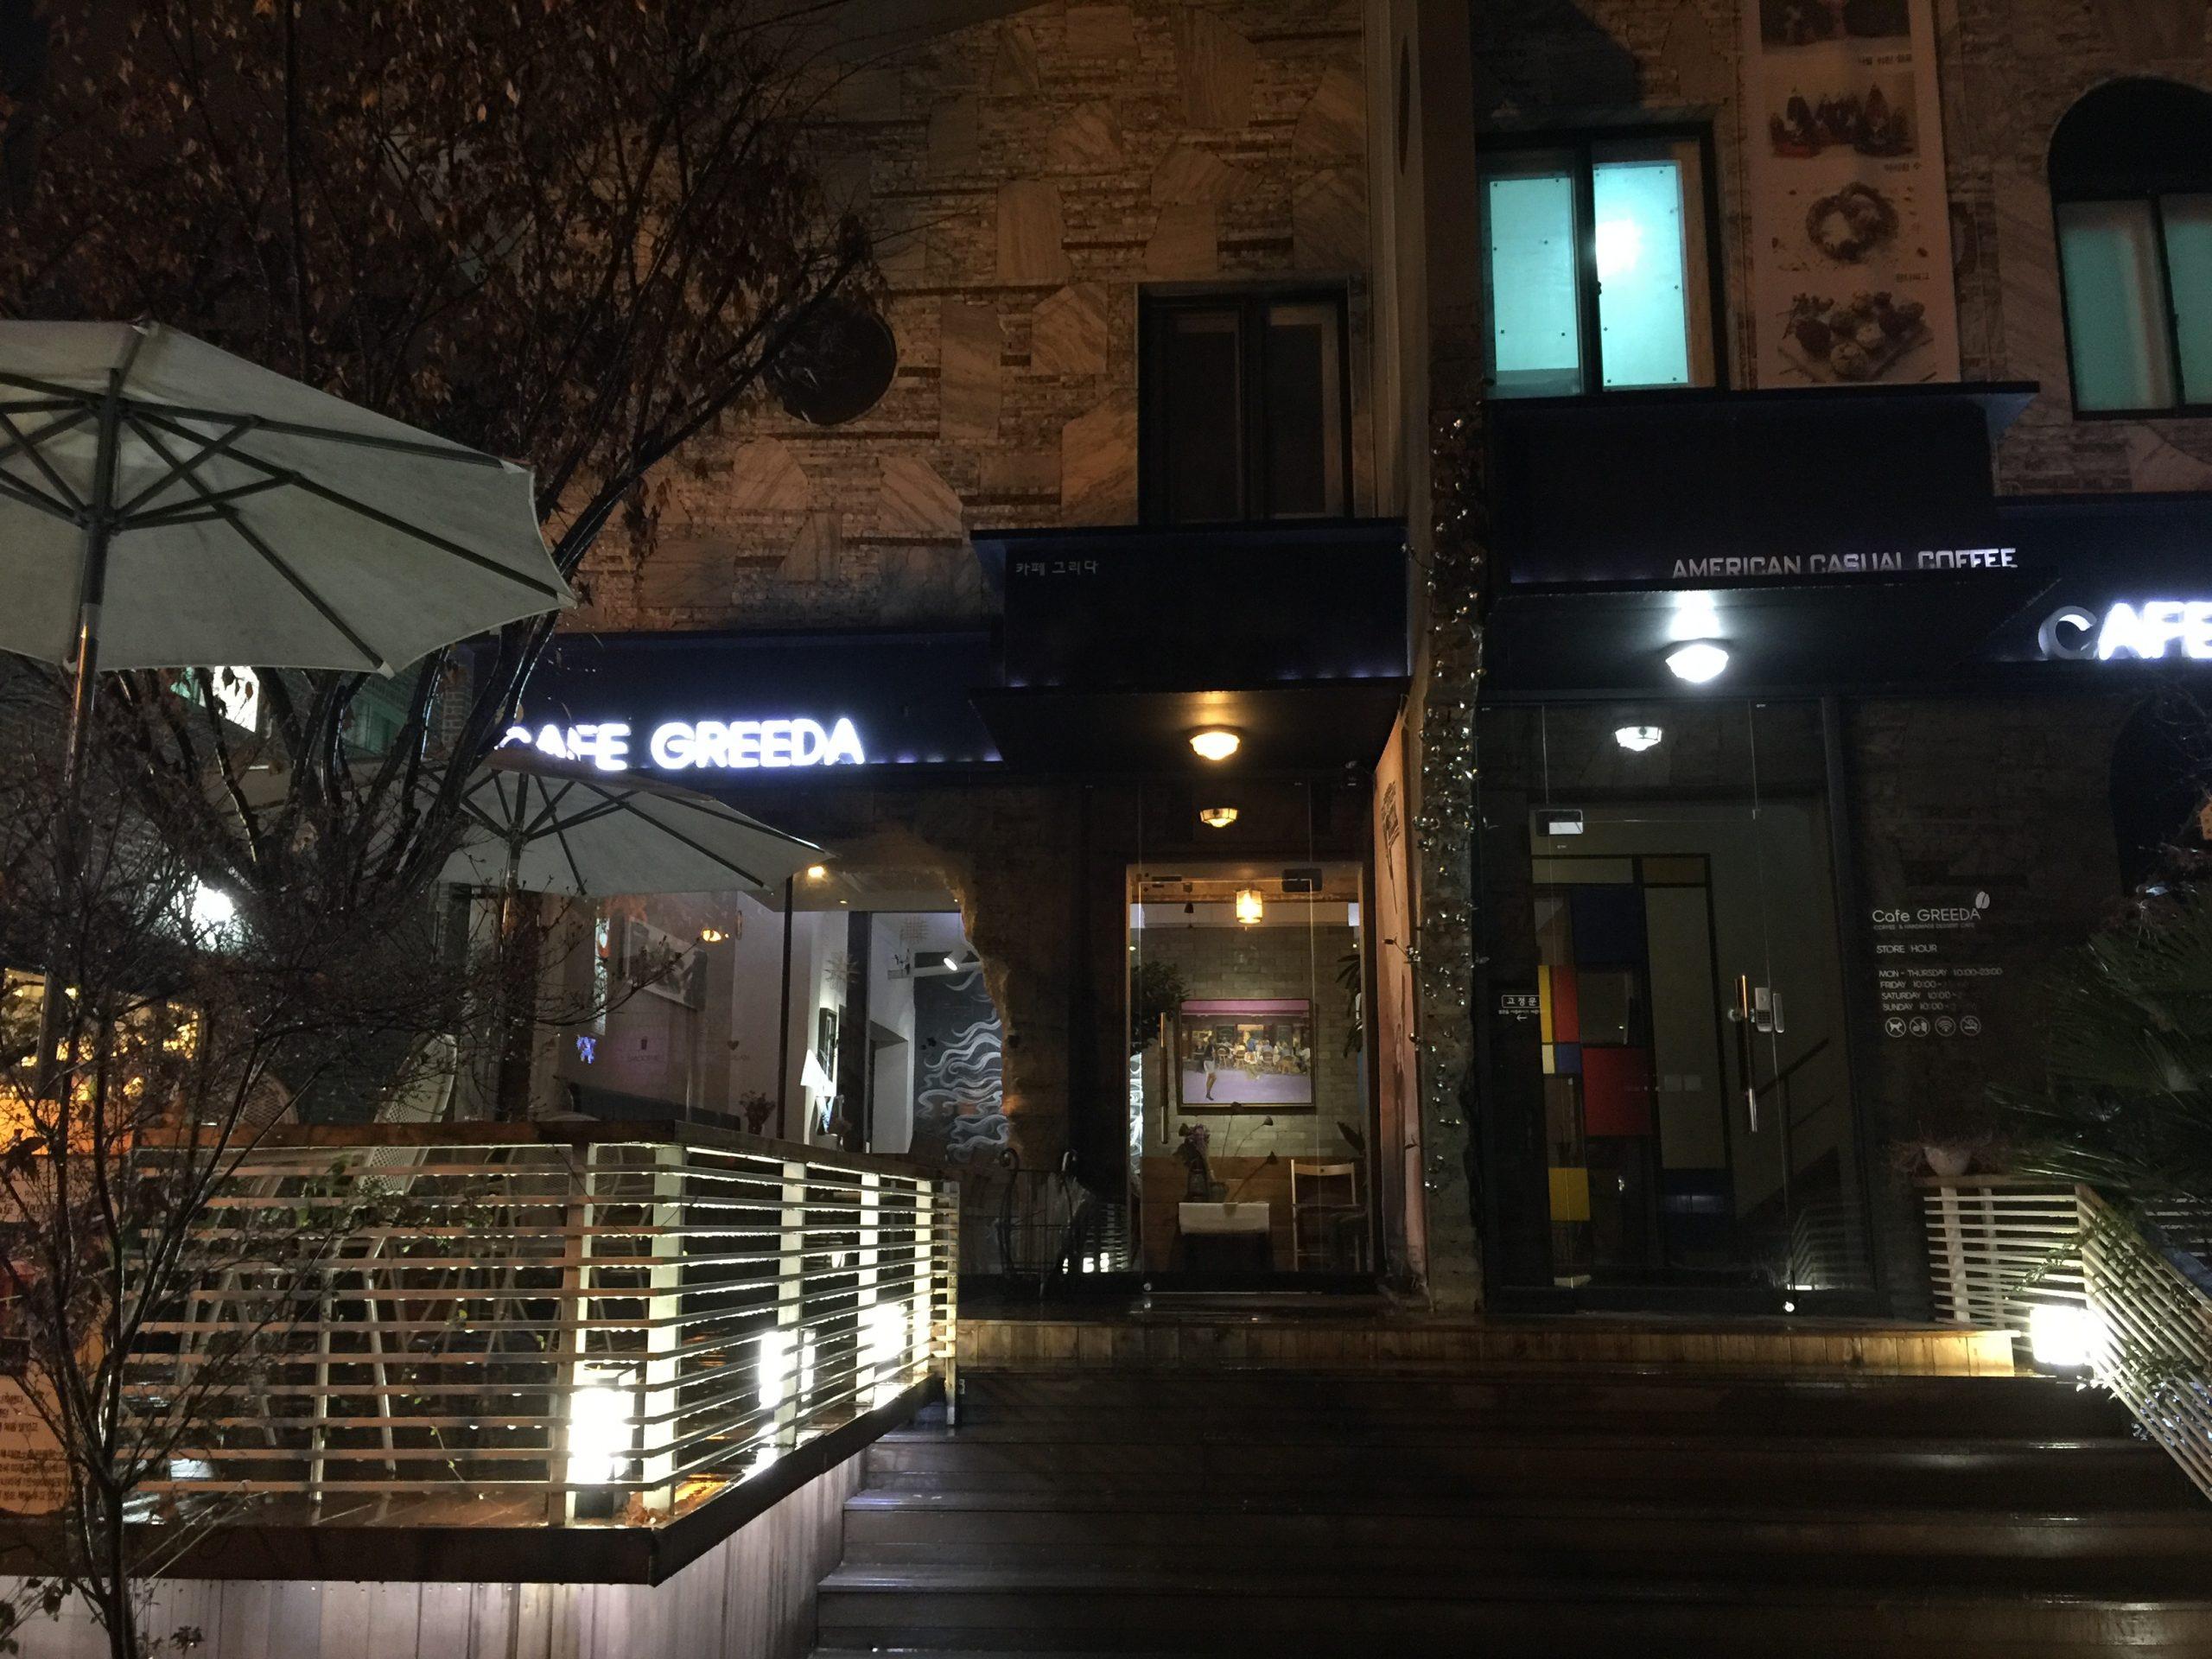 cafe greeda